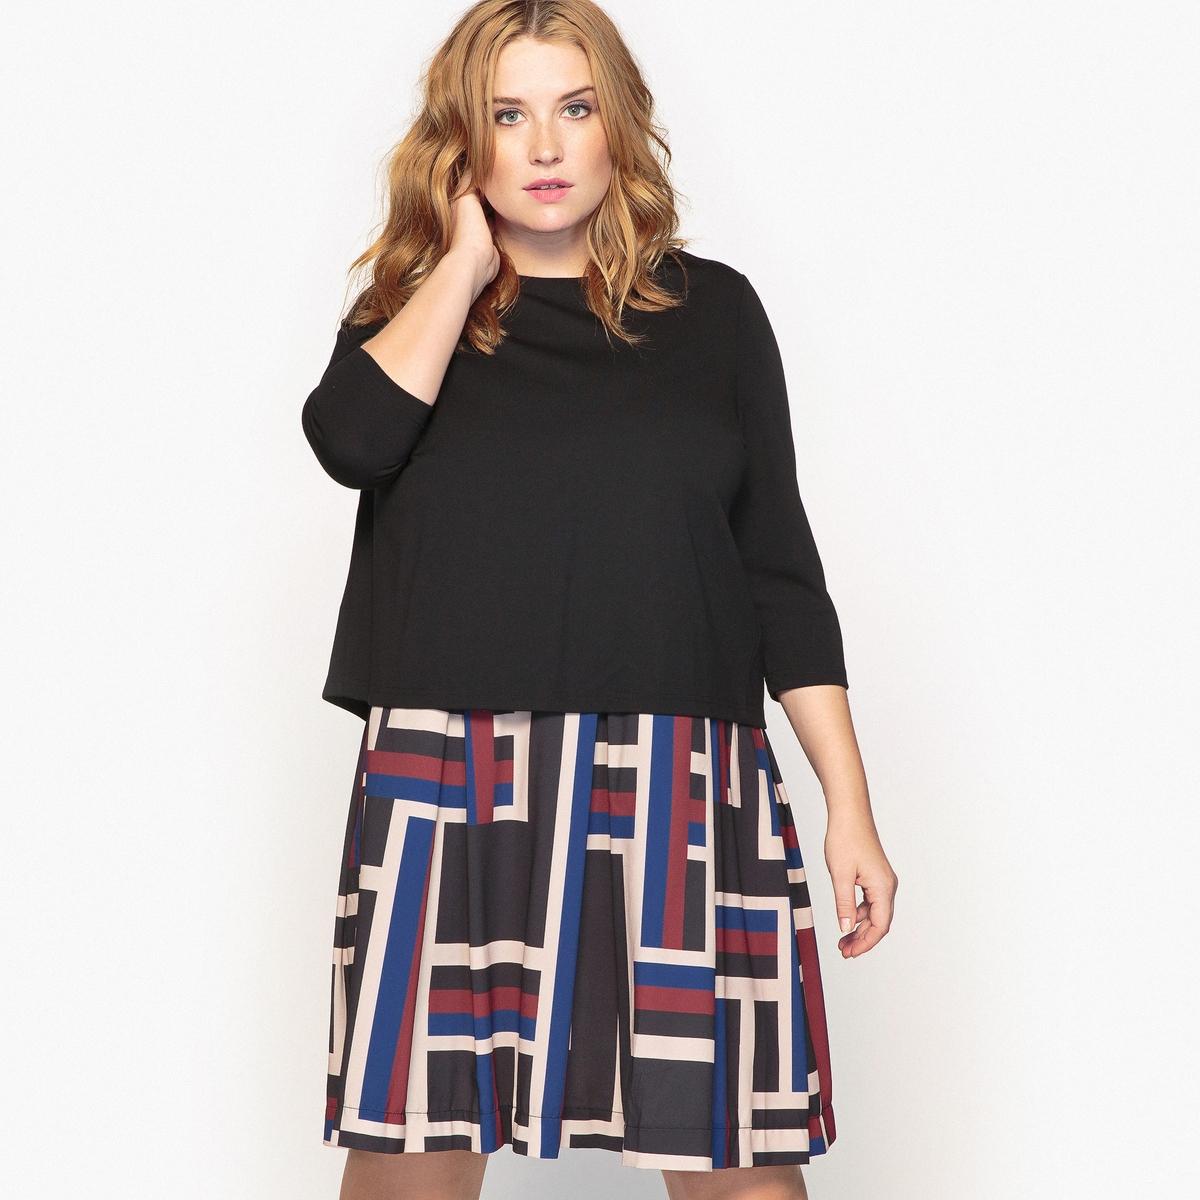 Платье расклешенное с рисункомНеотразимое платье с эффектом наложения тканей, с геометрическим мотивом снизу  . Решитесь на это оригинальное плаье с великолепным принтом, которое будет идеально смотреться с ботильонами  . Детали •  Форма : расклешенная •  Длина до колен •  Рукава 3/4    •  Круглый вырез •  Рисунок-принтСостав и уход •  61% вискозы, 9% эластана, 30% полиэстера •  Подкладка : 100% полиэстер •  Температура стирки при 30° на деликатном режиме   • Низкая температура глажки / не отбеливать   •  Не использовать барабанную сушку • Сухая чистка запрещенаТовар из коллекции больших размеров •  Длина 102 см<br><br>Цвет: графичный рисунок<br>Размер: 58 (FR) - 64 (RUS)